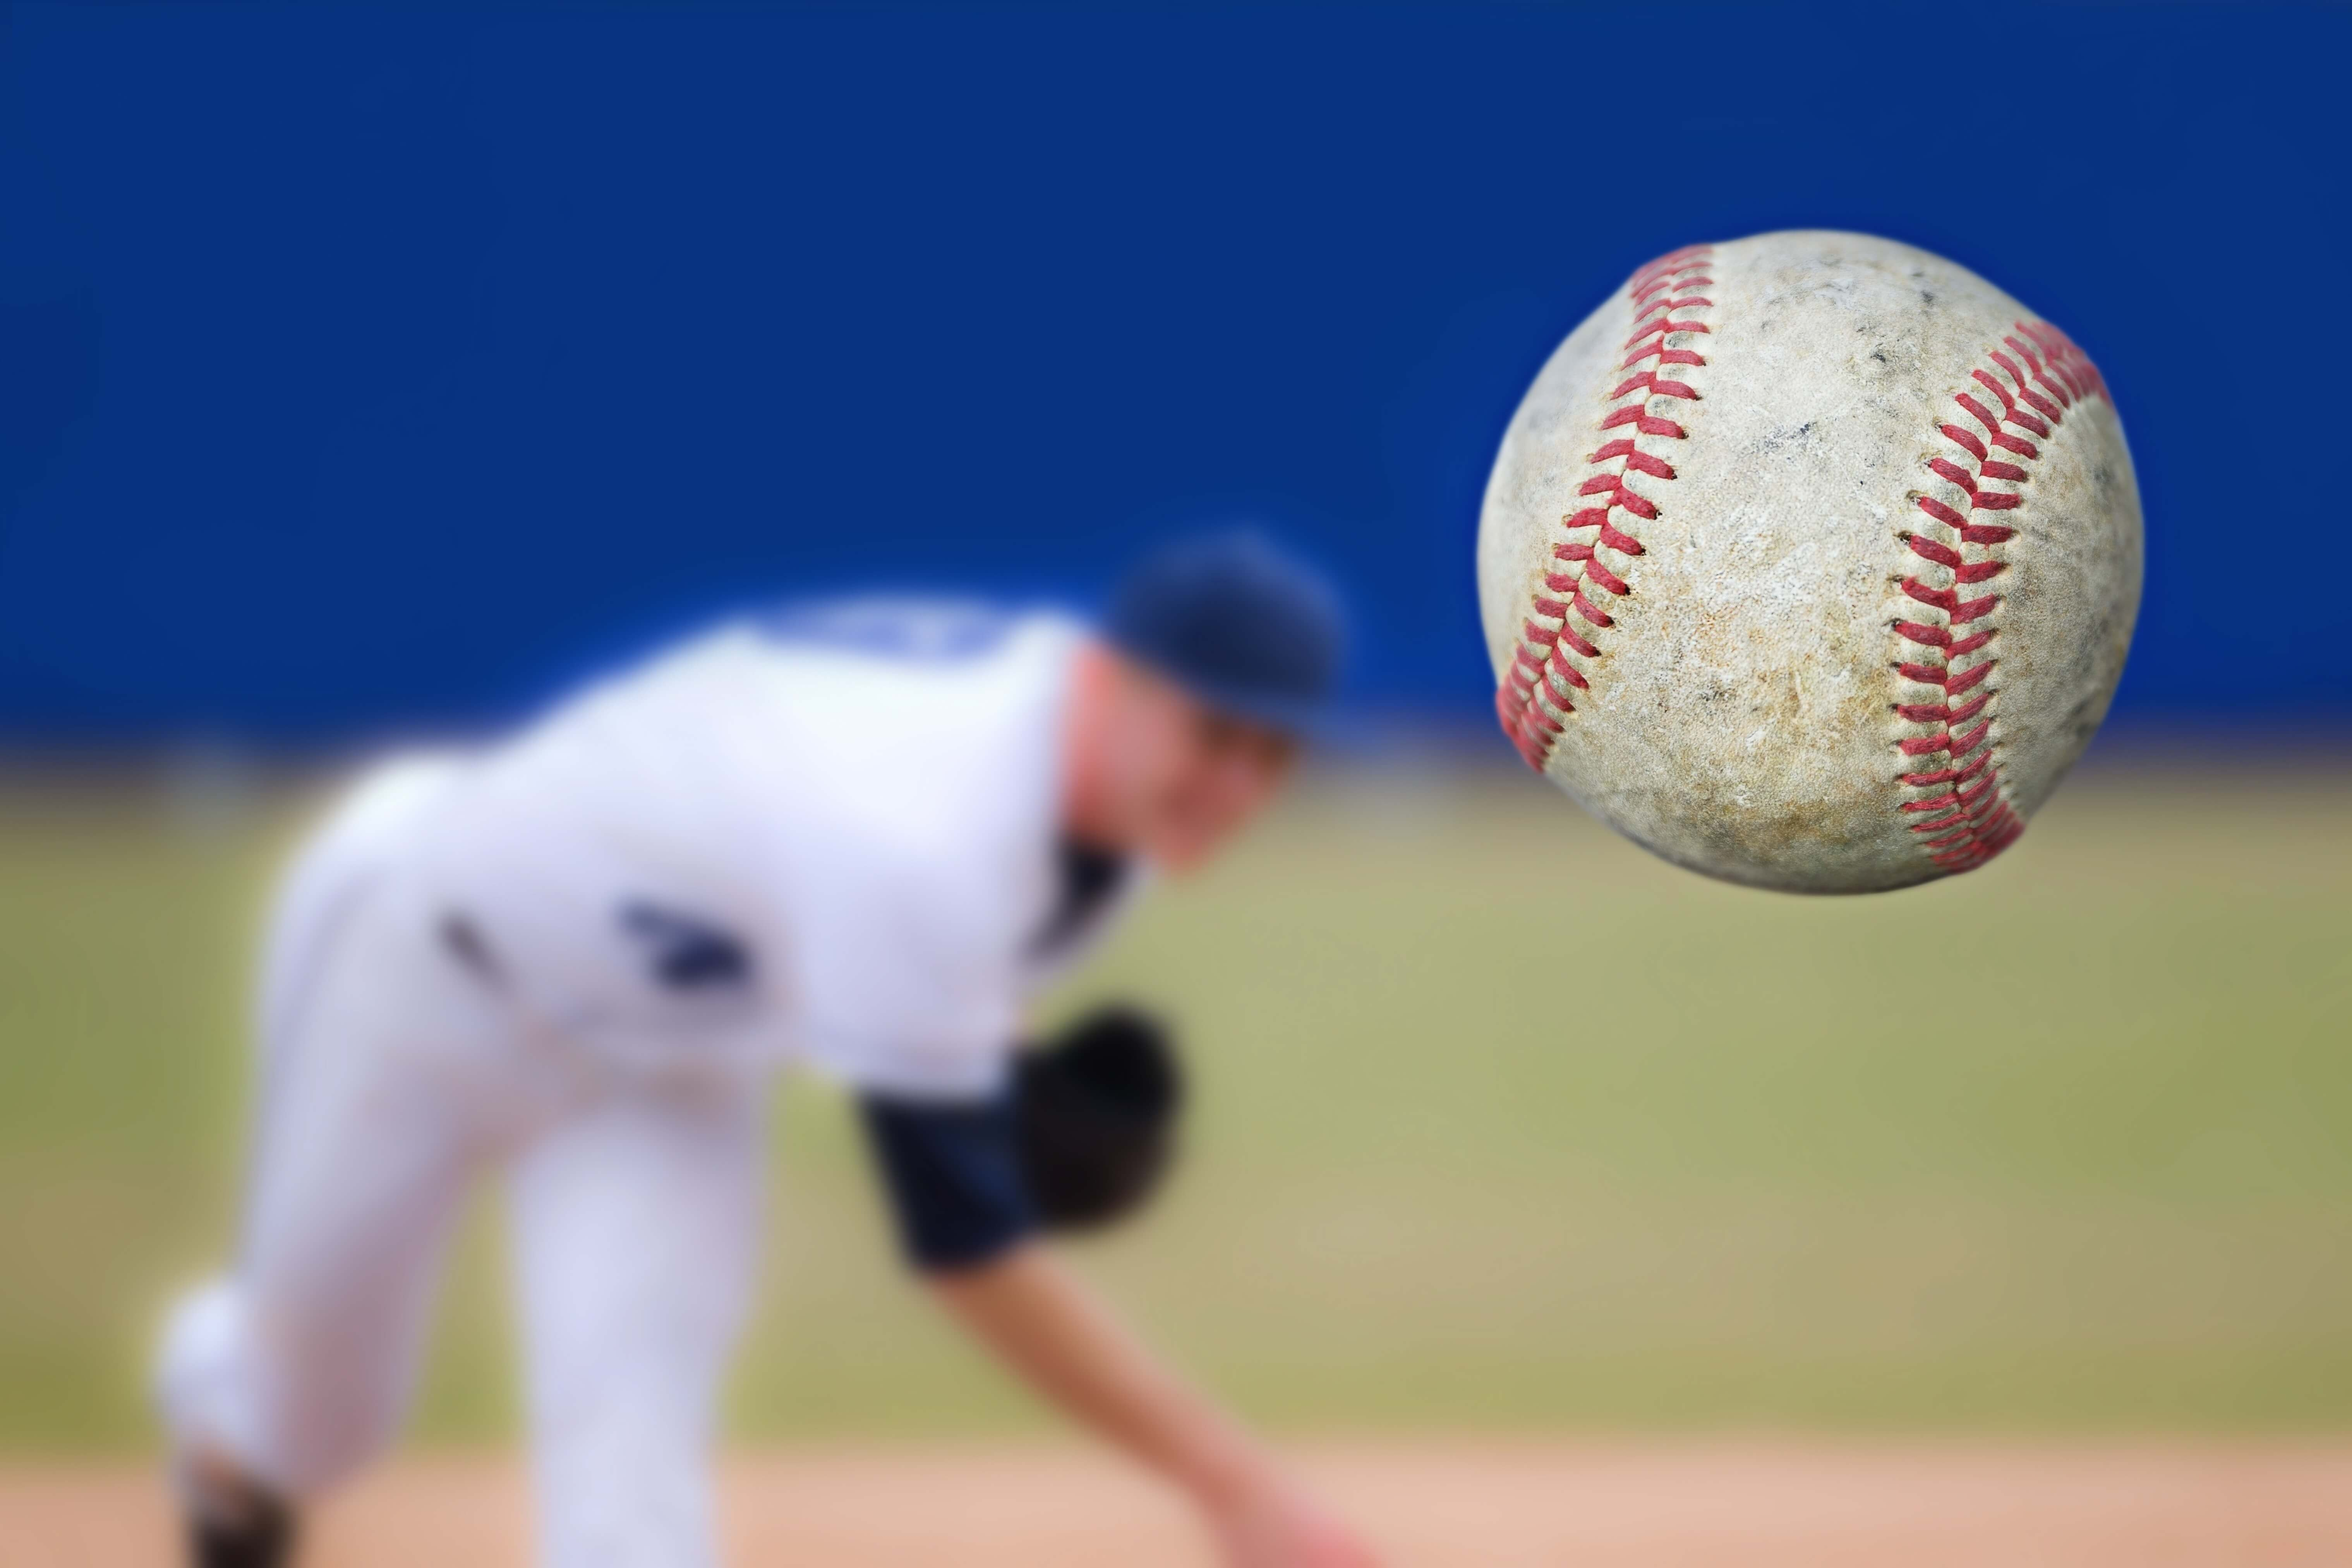 スピードのあるボールを投げる投手